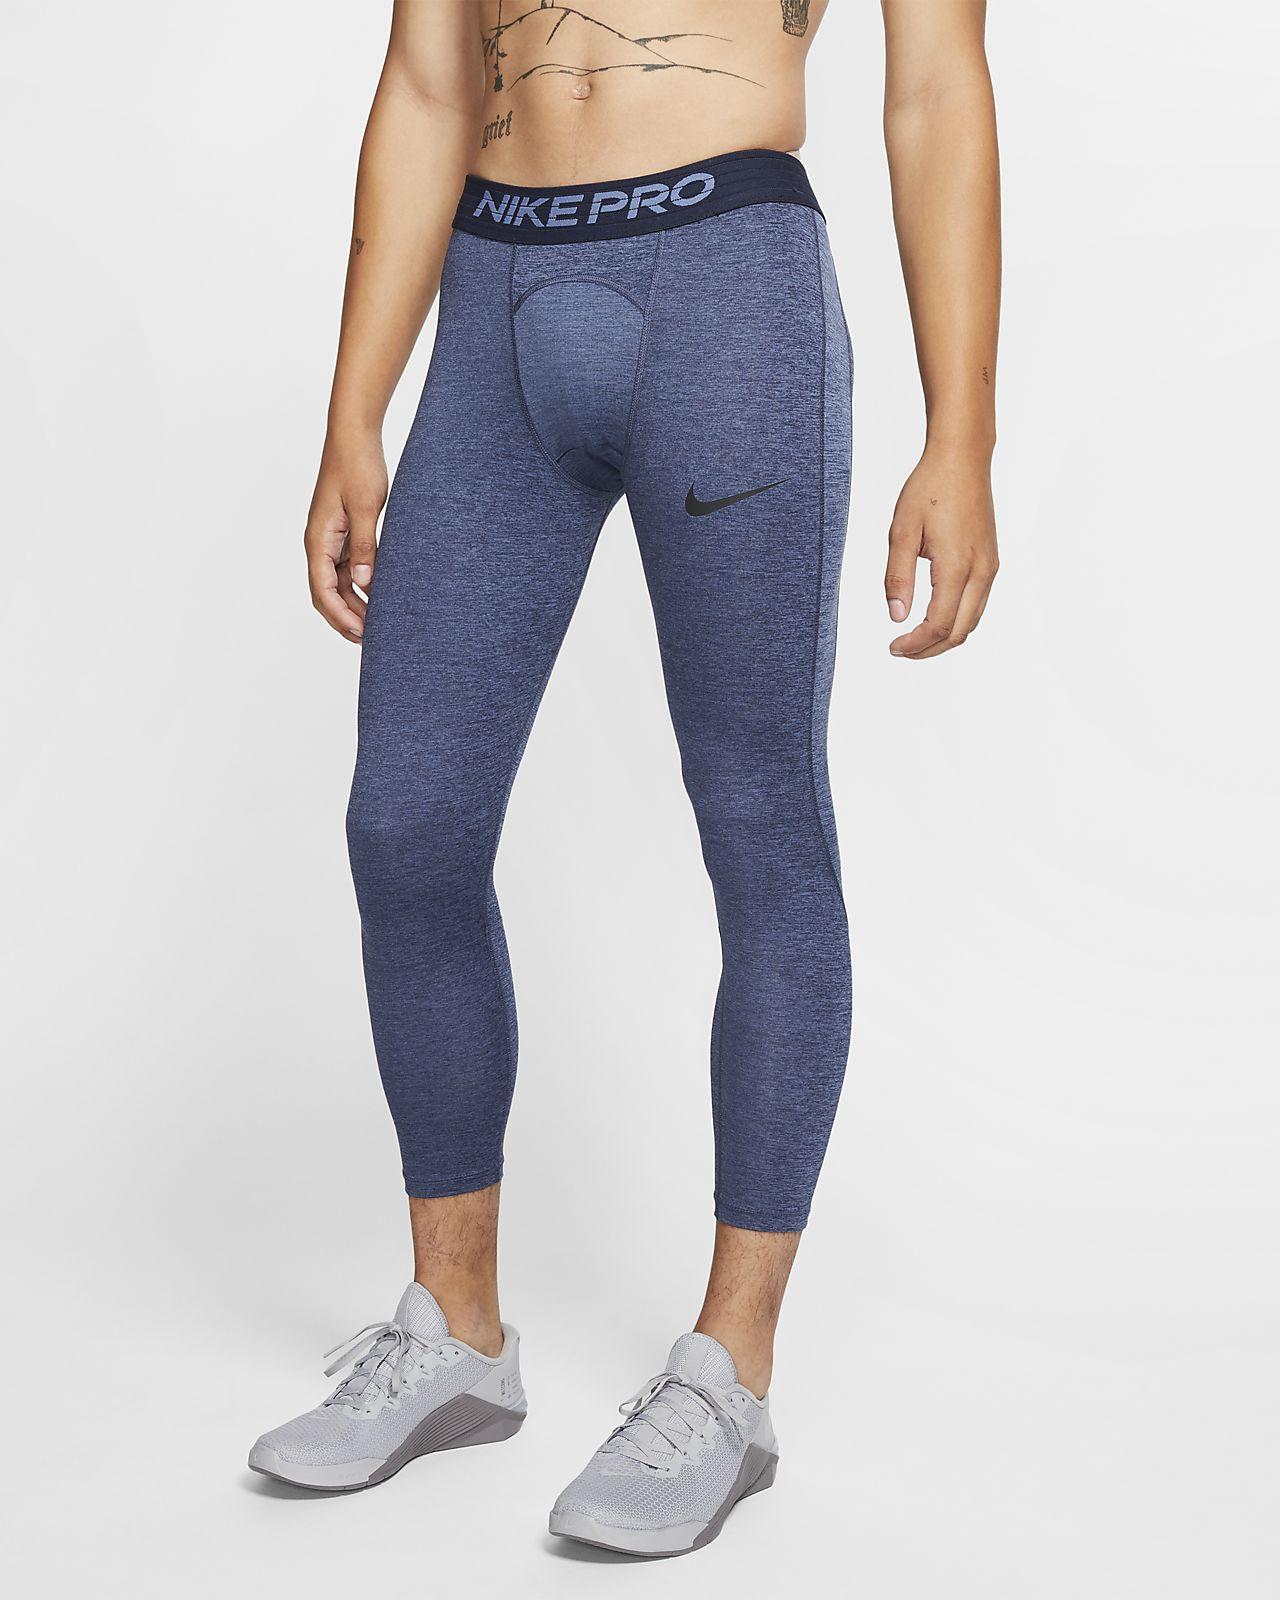 Tights a 3/4 Nike Pro para homem